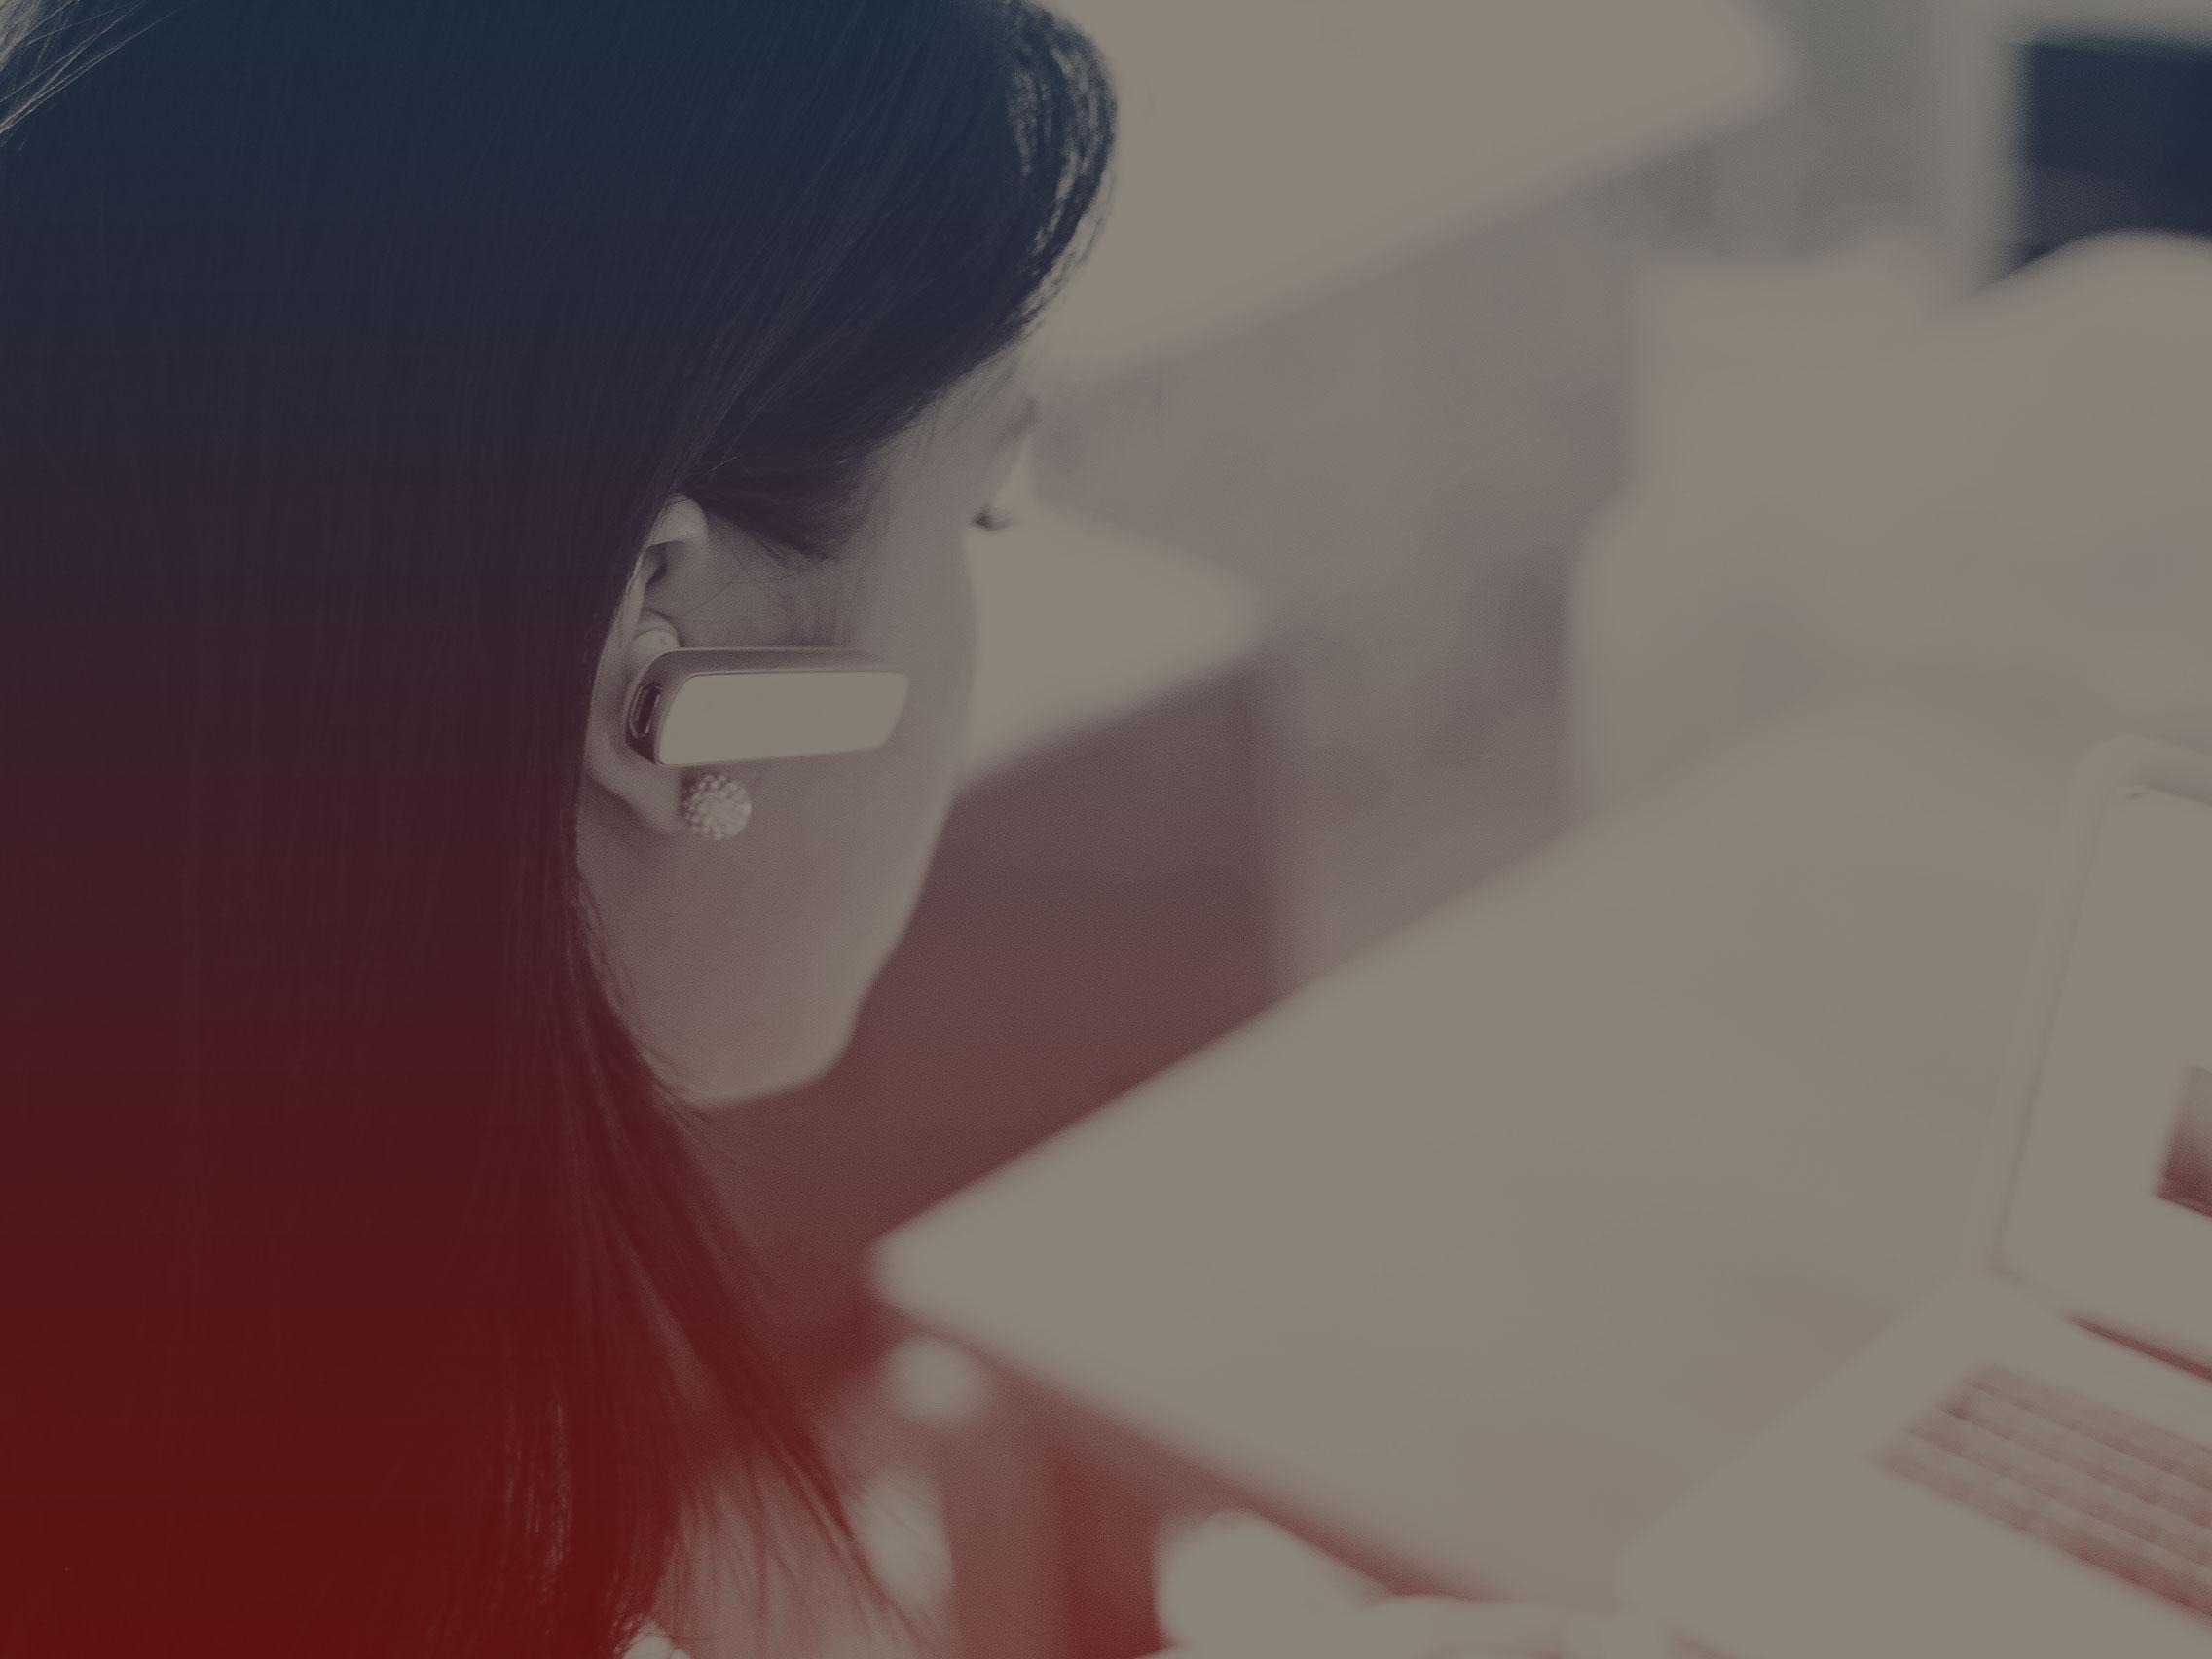 DEPARTAMENTO PESSOAL   Formalidades de admissão, demissão e demais rotinas relacionadas à contratação de empregados;  Atualização cadastral de funcionários contratados e demitidos, inclusive junto ao sindicato ou Ministério do Trabalho;  Elaboração da folha de pagamento salarial aos empregados, emissão de contracheques individualizados, com discriminação de valores recebidos e descontados, cujos saldos a receber, poderão ser creditados em contas bancárias via internet;  Providências pertinentes ao vale transporte dos empregados junto a FETRANSPOR com emissão de cartões magnéticos e recargas mensais;  Confecção de recibos de terceiros (prestadores de serviços ao condomínio quando for o caso);  Cálculo e emissão dos recibos referentes a contribuição sindical dos funcionários;  Emissão de guias e recolhimento dos encargos sociais como: PIS, FGTS e INSS;  Organização do quadro de horário de trabalho, ficha de controle de salário família, férias, bem como as devidas anotações nas carteiras profissionais e livros de registros dos empregados;  Elaboração e envio anual da DIRF e a RAIS;  Efetuar os pagamentos das contas pertinentes ao condomínio, em casos extraordinários, que forem entregues ao escritório da administradora, em tempo hábil;  Serviços de coleta e entrega de malotes, através de motoboy.